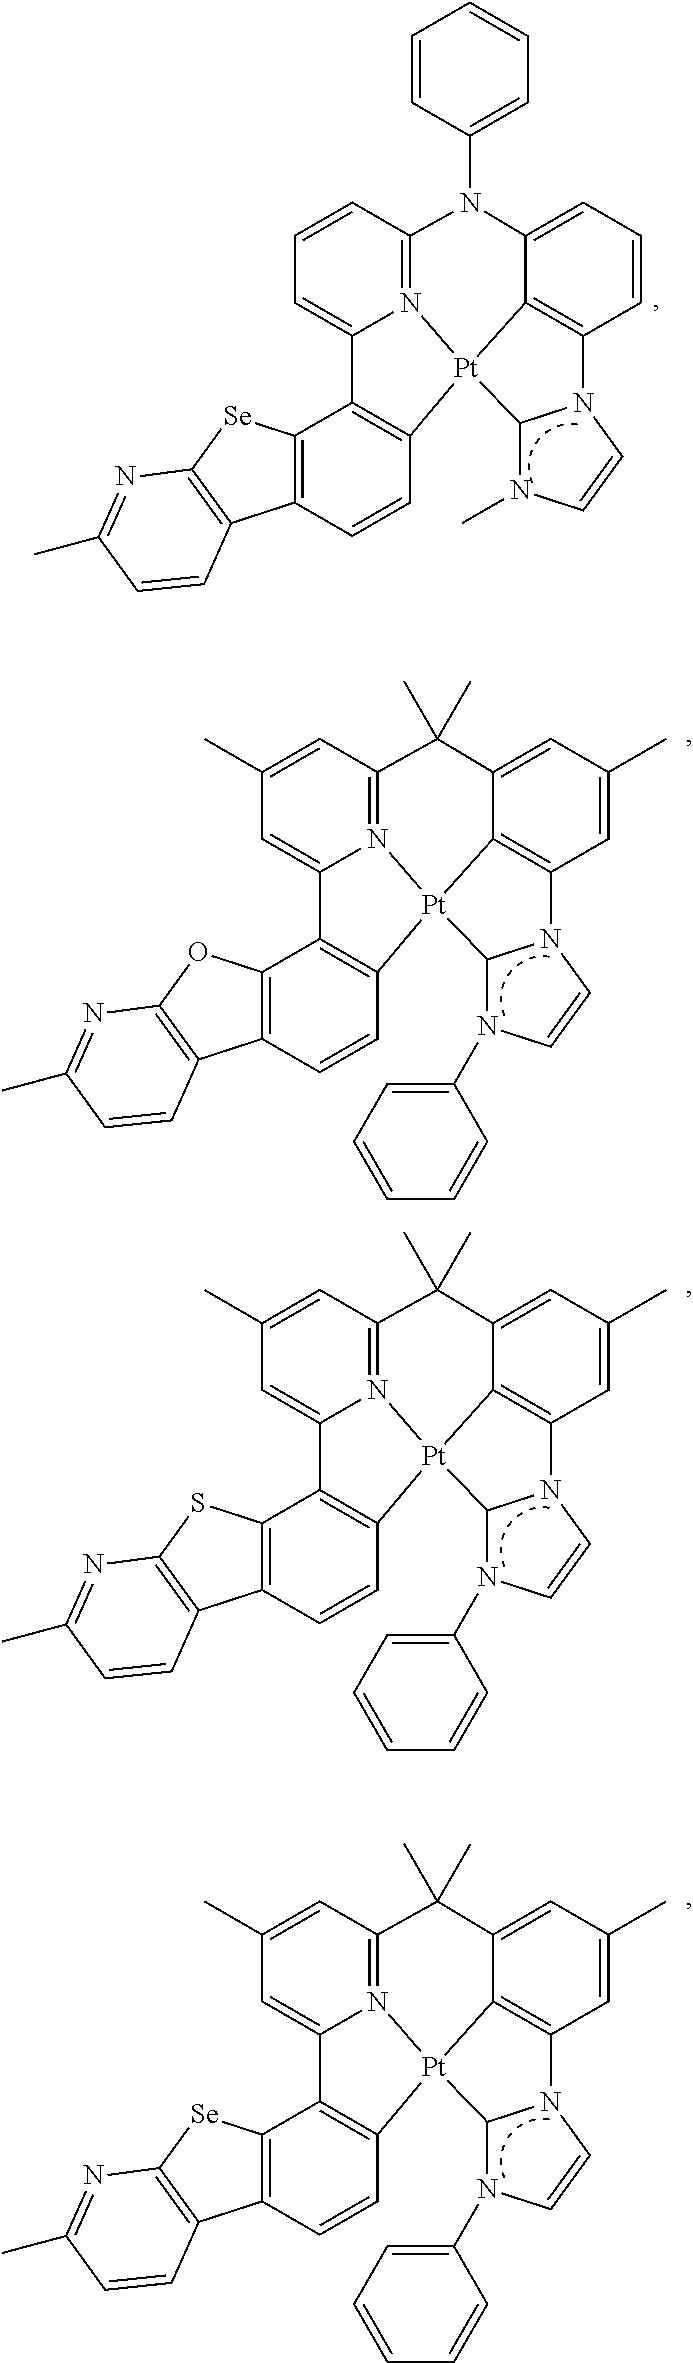 Figure US09871214-20180116-C00305